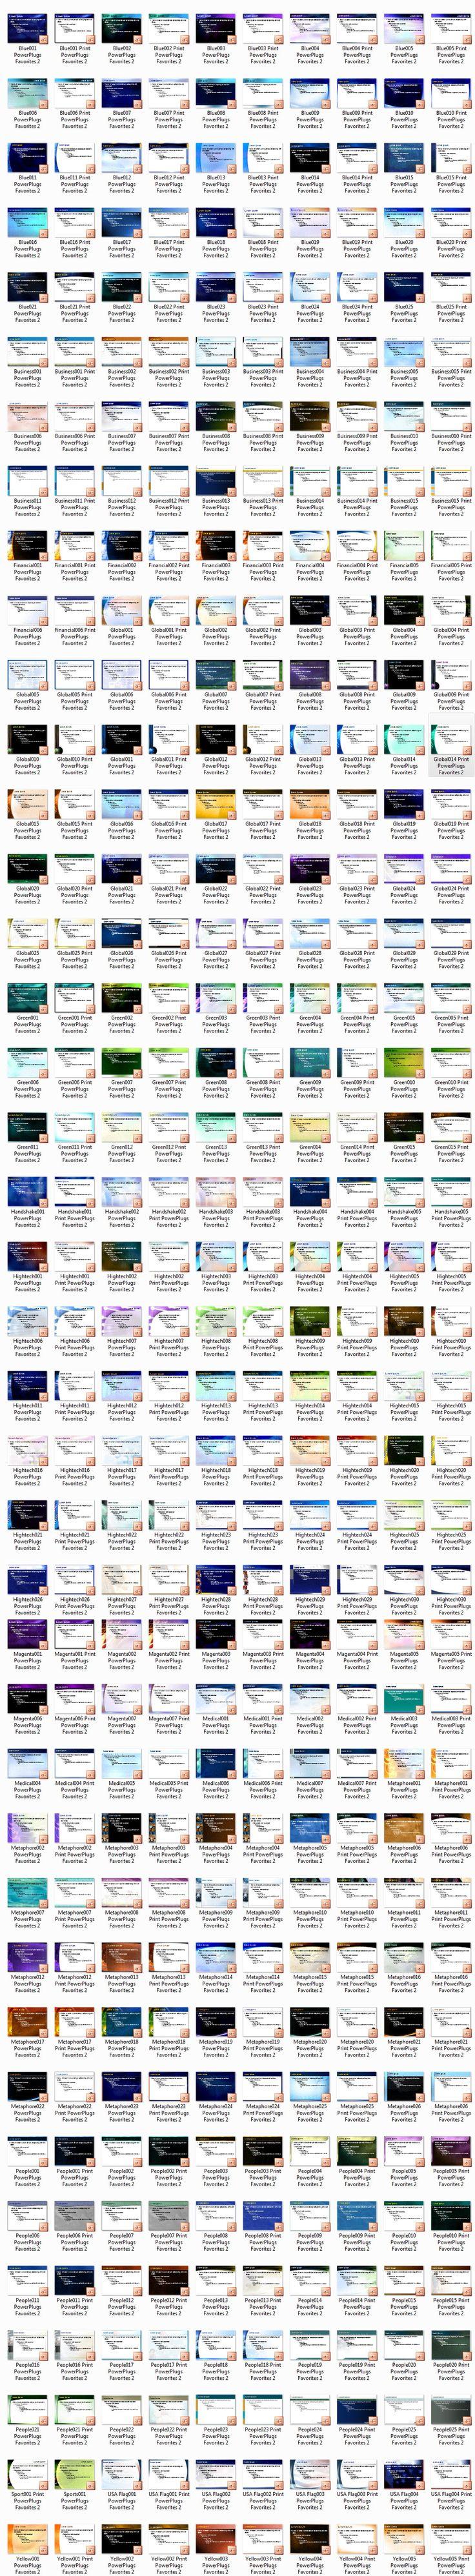 400 قالب بور بوينت PowerPlugs Ultimate Edition for MS Power Point - Templates - قوالب بوربوينت - قوالب تمبليت - تصاميم جاهزة